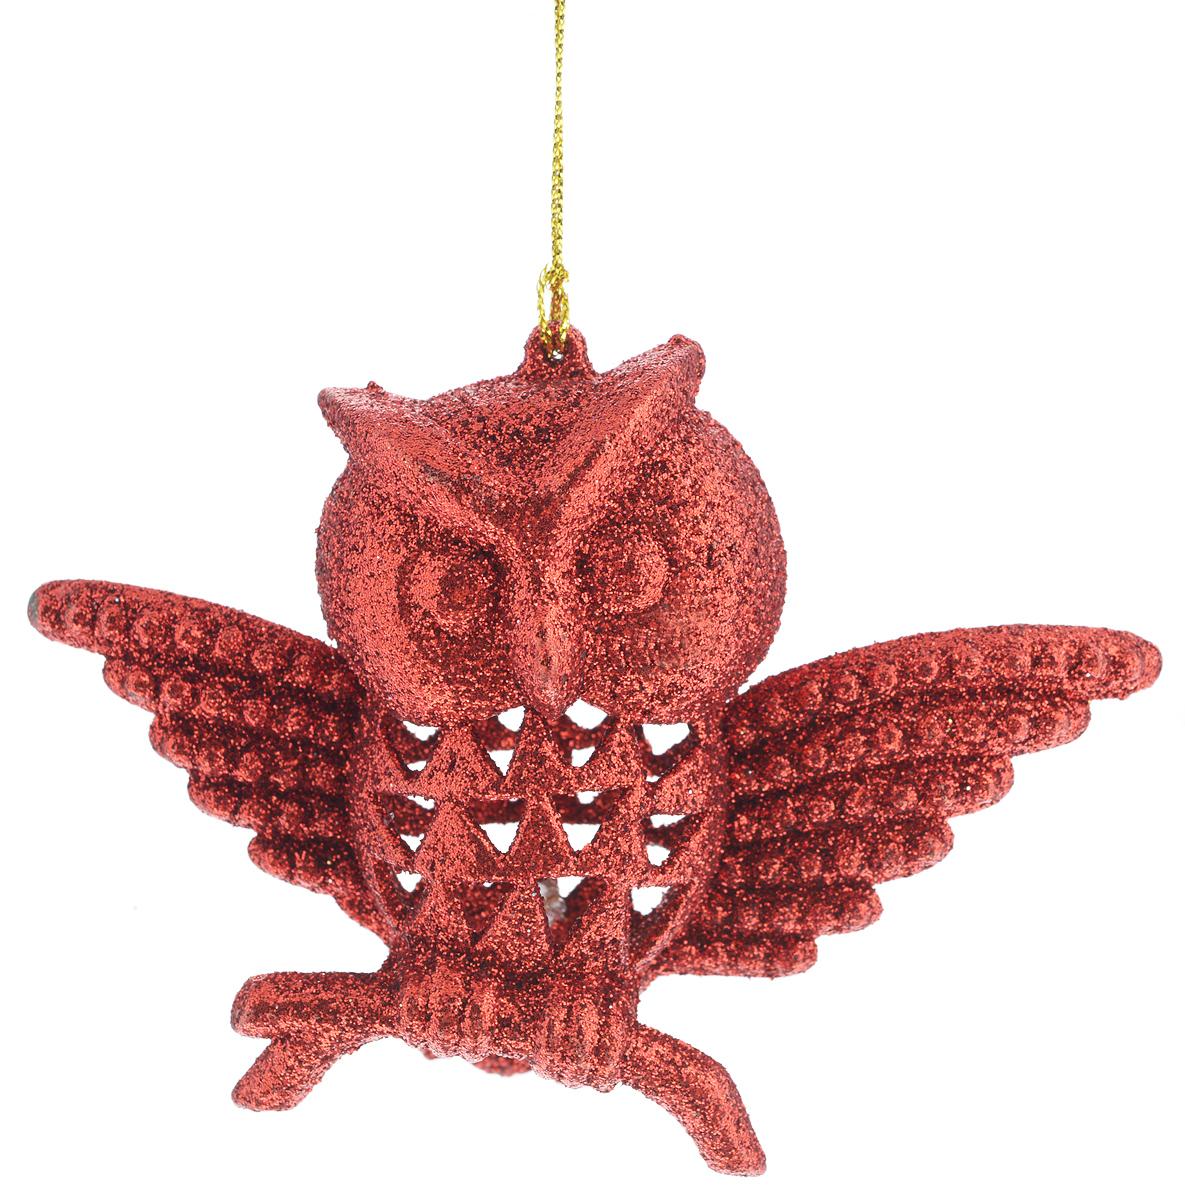 Новогоднее подвесное украшение Феникс-Презент Сова, цвет: красный34977Новогоднее украшение Феникс-Презент Сова, изготовленное из высококачественного пластика, прекрасно подойдет для праздничного декора дома и новогодней ели. С помощью специальной текстильной петельки его можно повесить в любом понравившемся вам месте. Елочная игрушка - символ Нового года. Она несет в себе волшебство и красоту праздника. Создайте в своем доме атмосферу веселья и радости, украшая новогоднюю елку нарядными игрушками, которые будут из года в год накапливать теплоту воспоминаний.